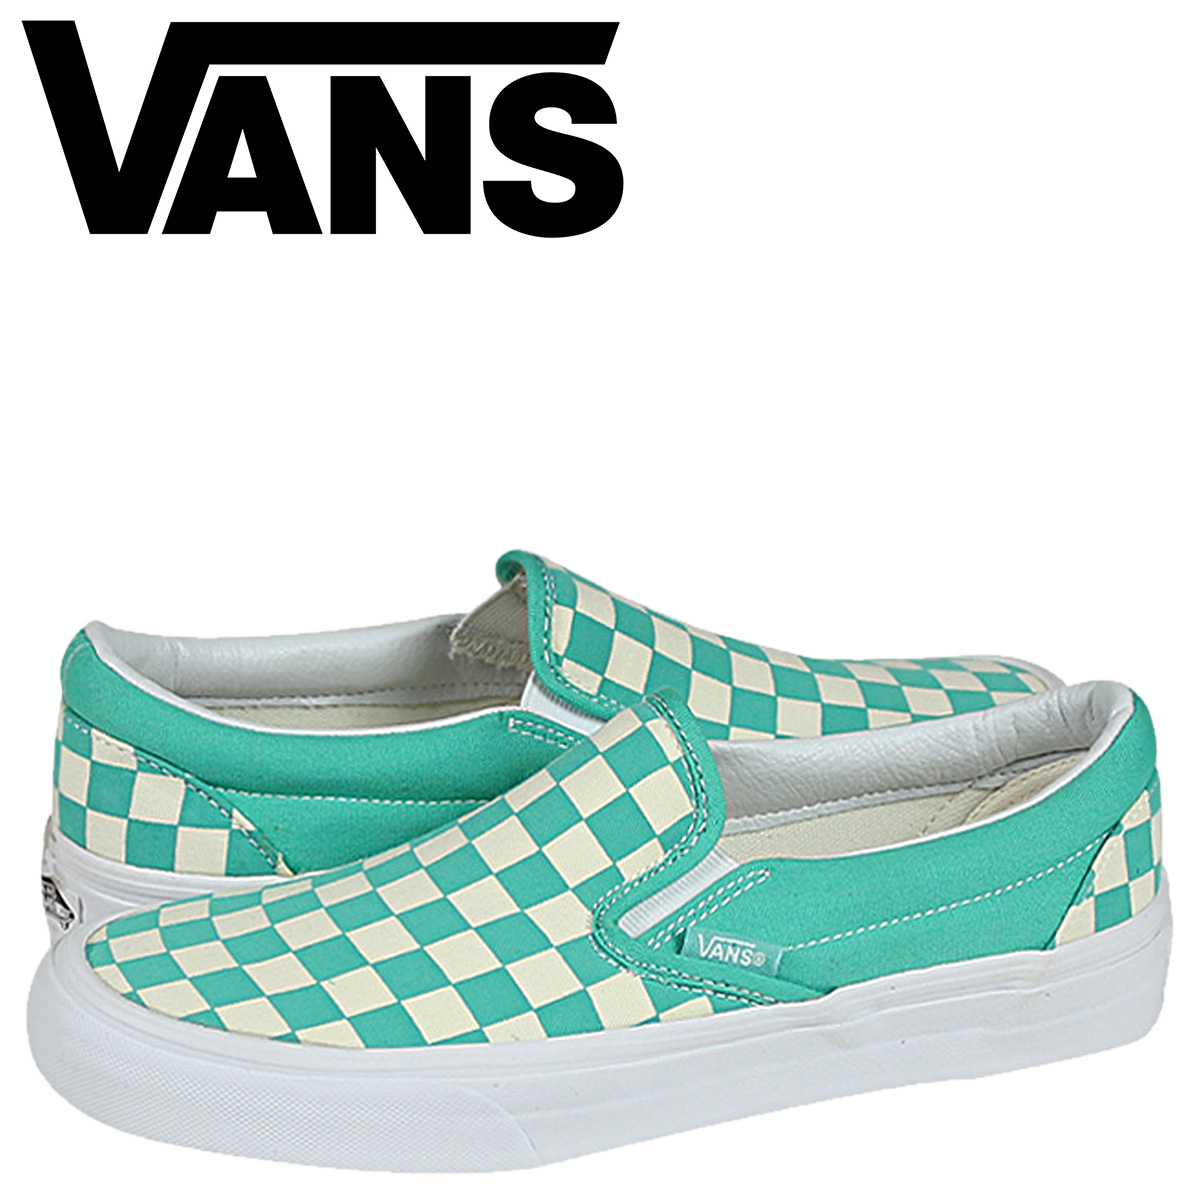 5e95bb1f859 Sugar Online Shop  Vans VANS CLASSIC SLIP-ON sneaker classic slip-on ...